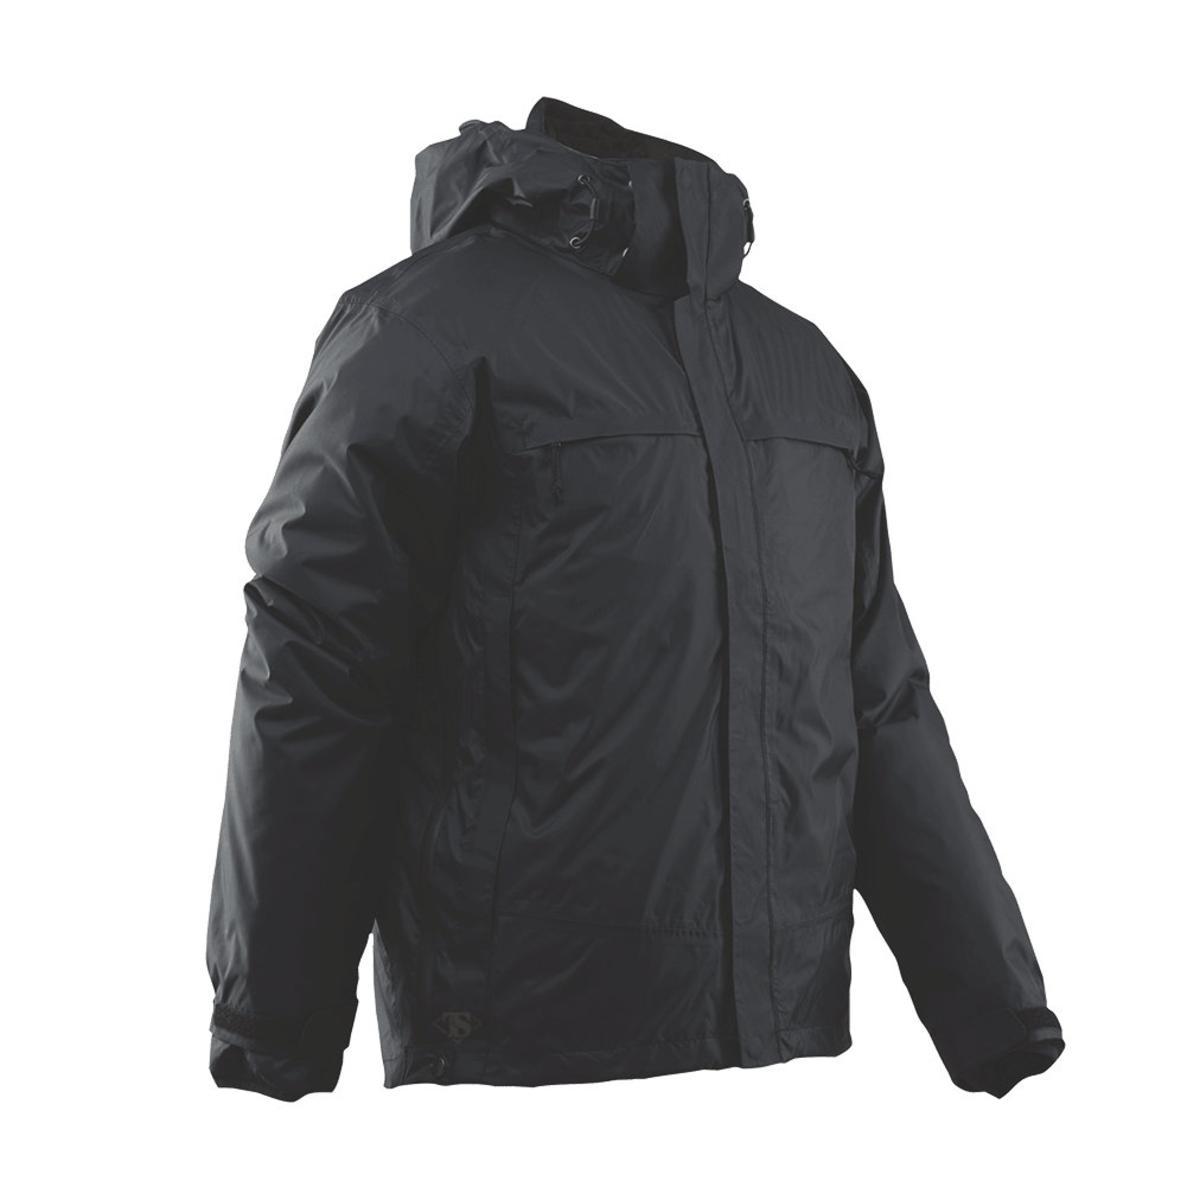 3 in 1 jacket w